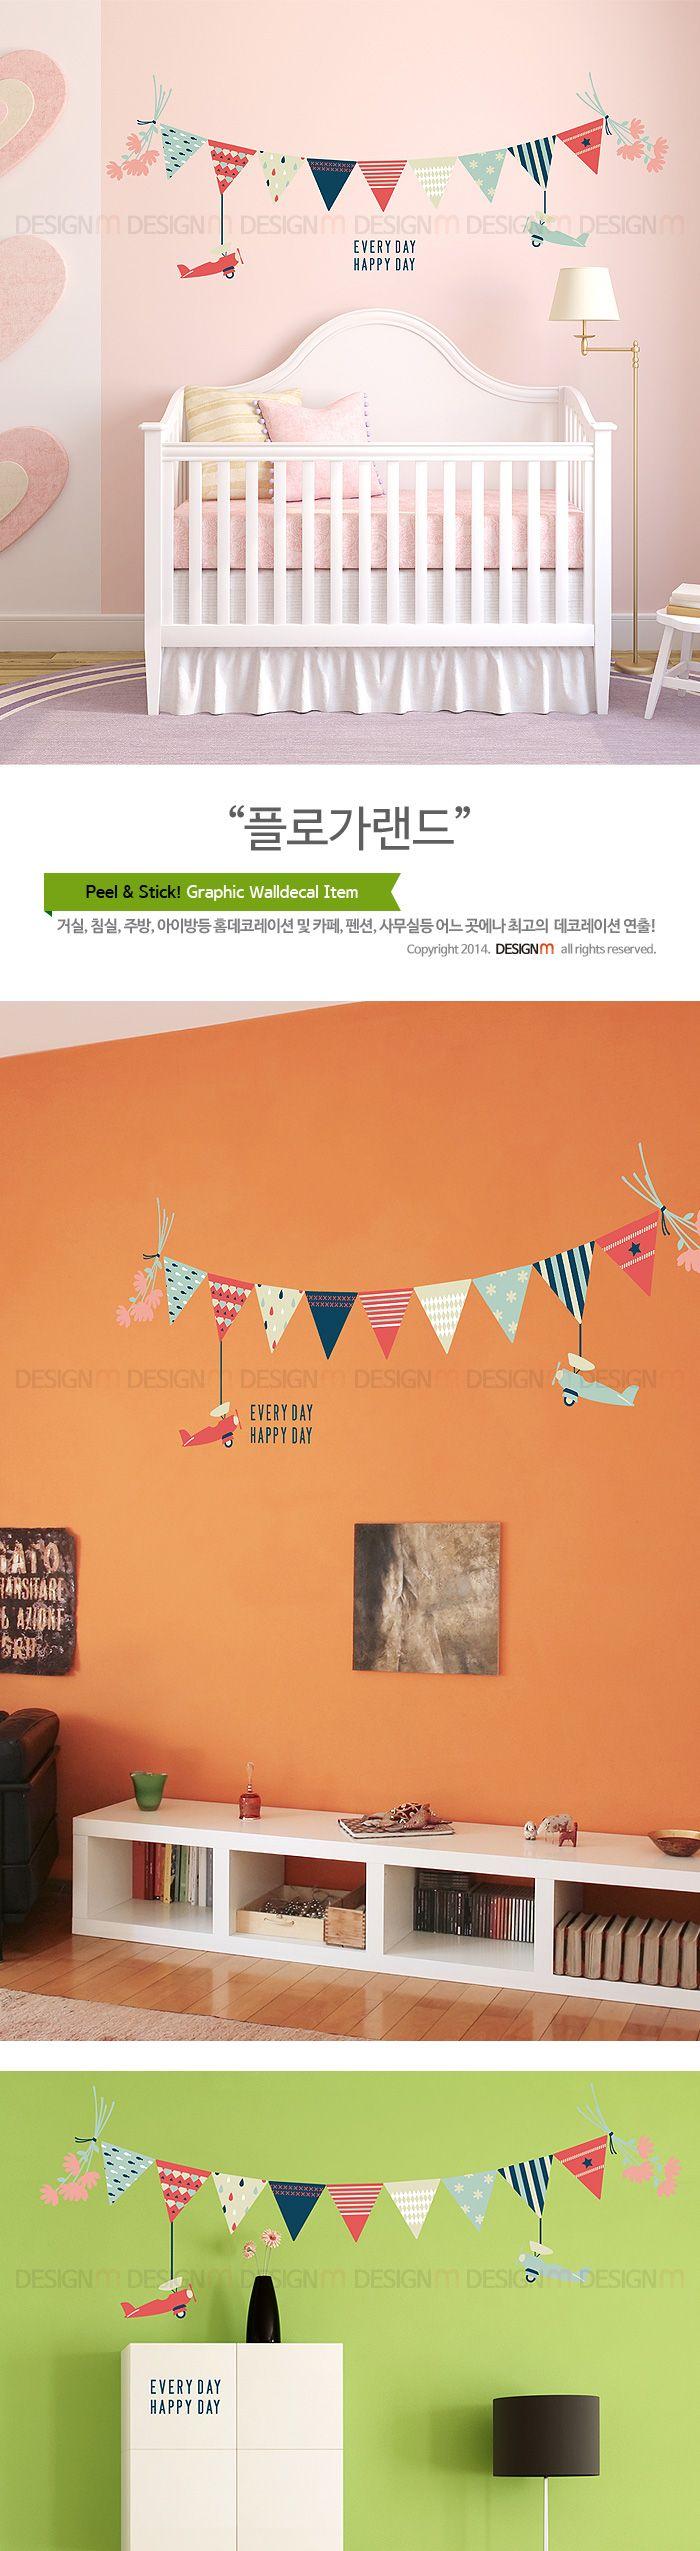 플로가랜드 디자인스티커 시트지 데코시트지 집꾸미기 데코시트지 집꾸미기 인테리어용품 리폼 디자인시트지